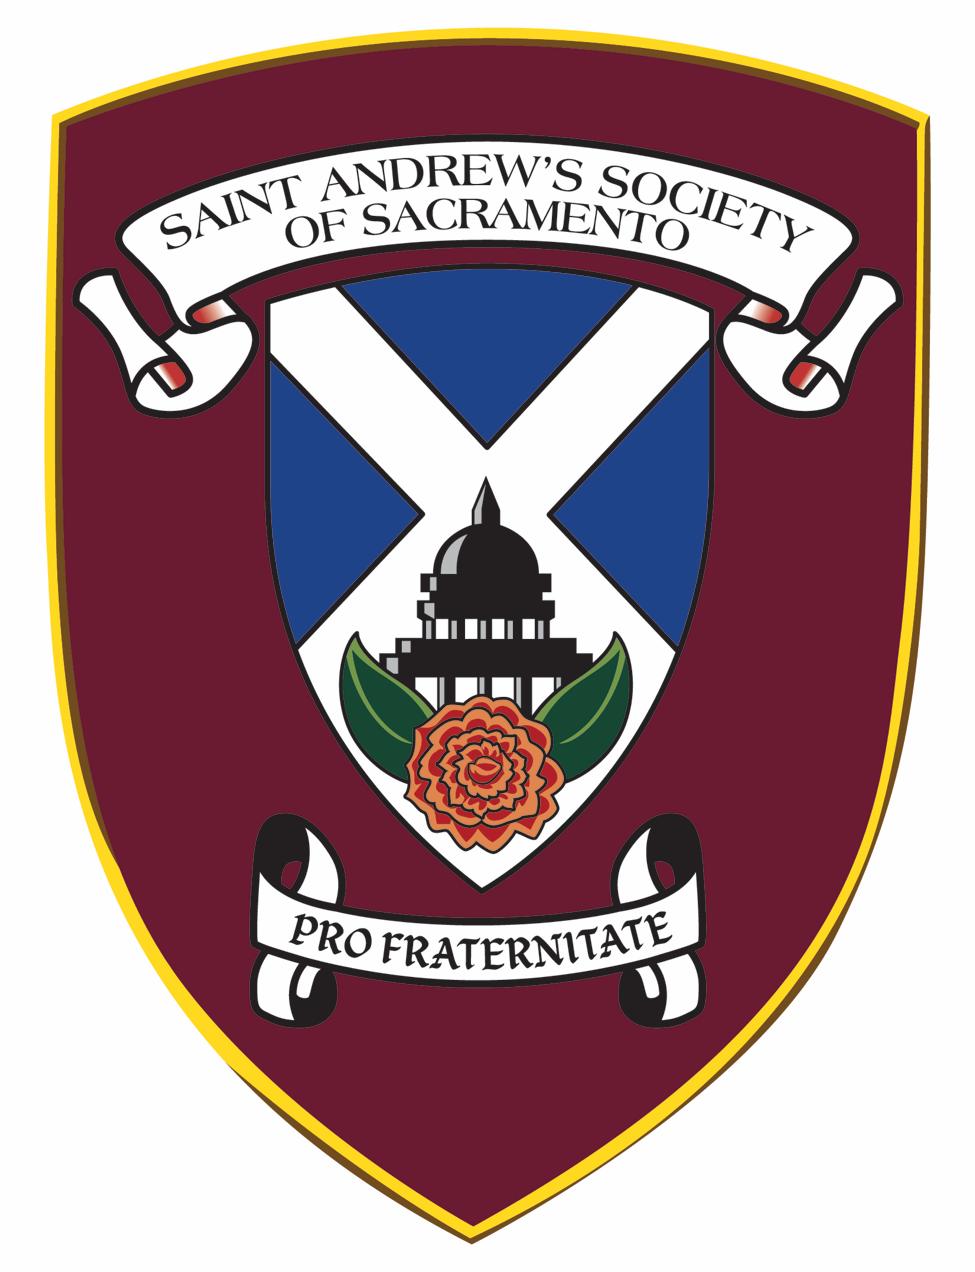 Saint Andrew's Society of Sacramento